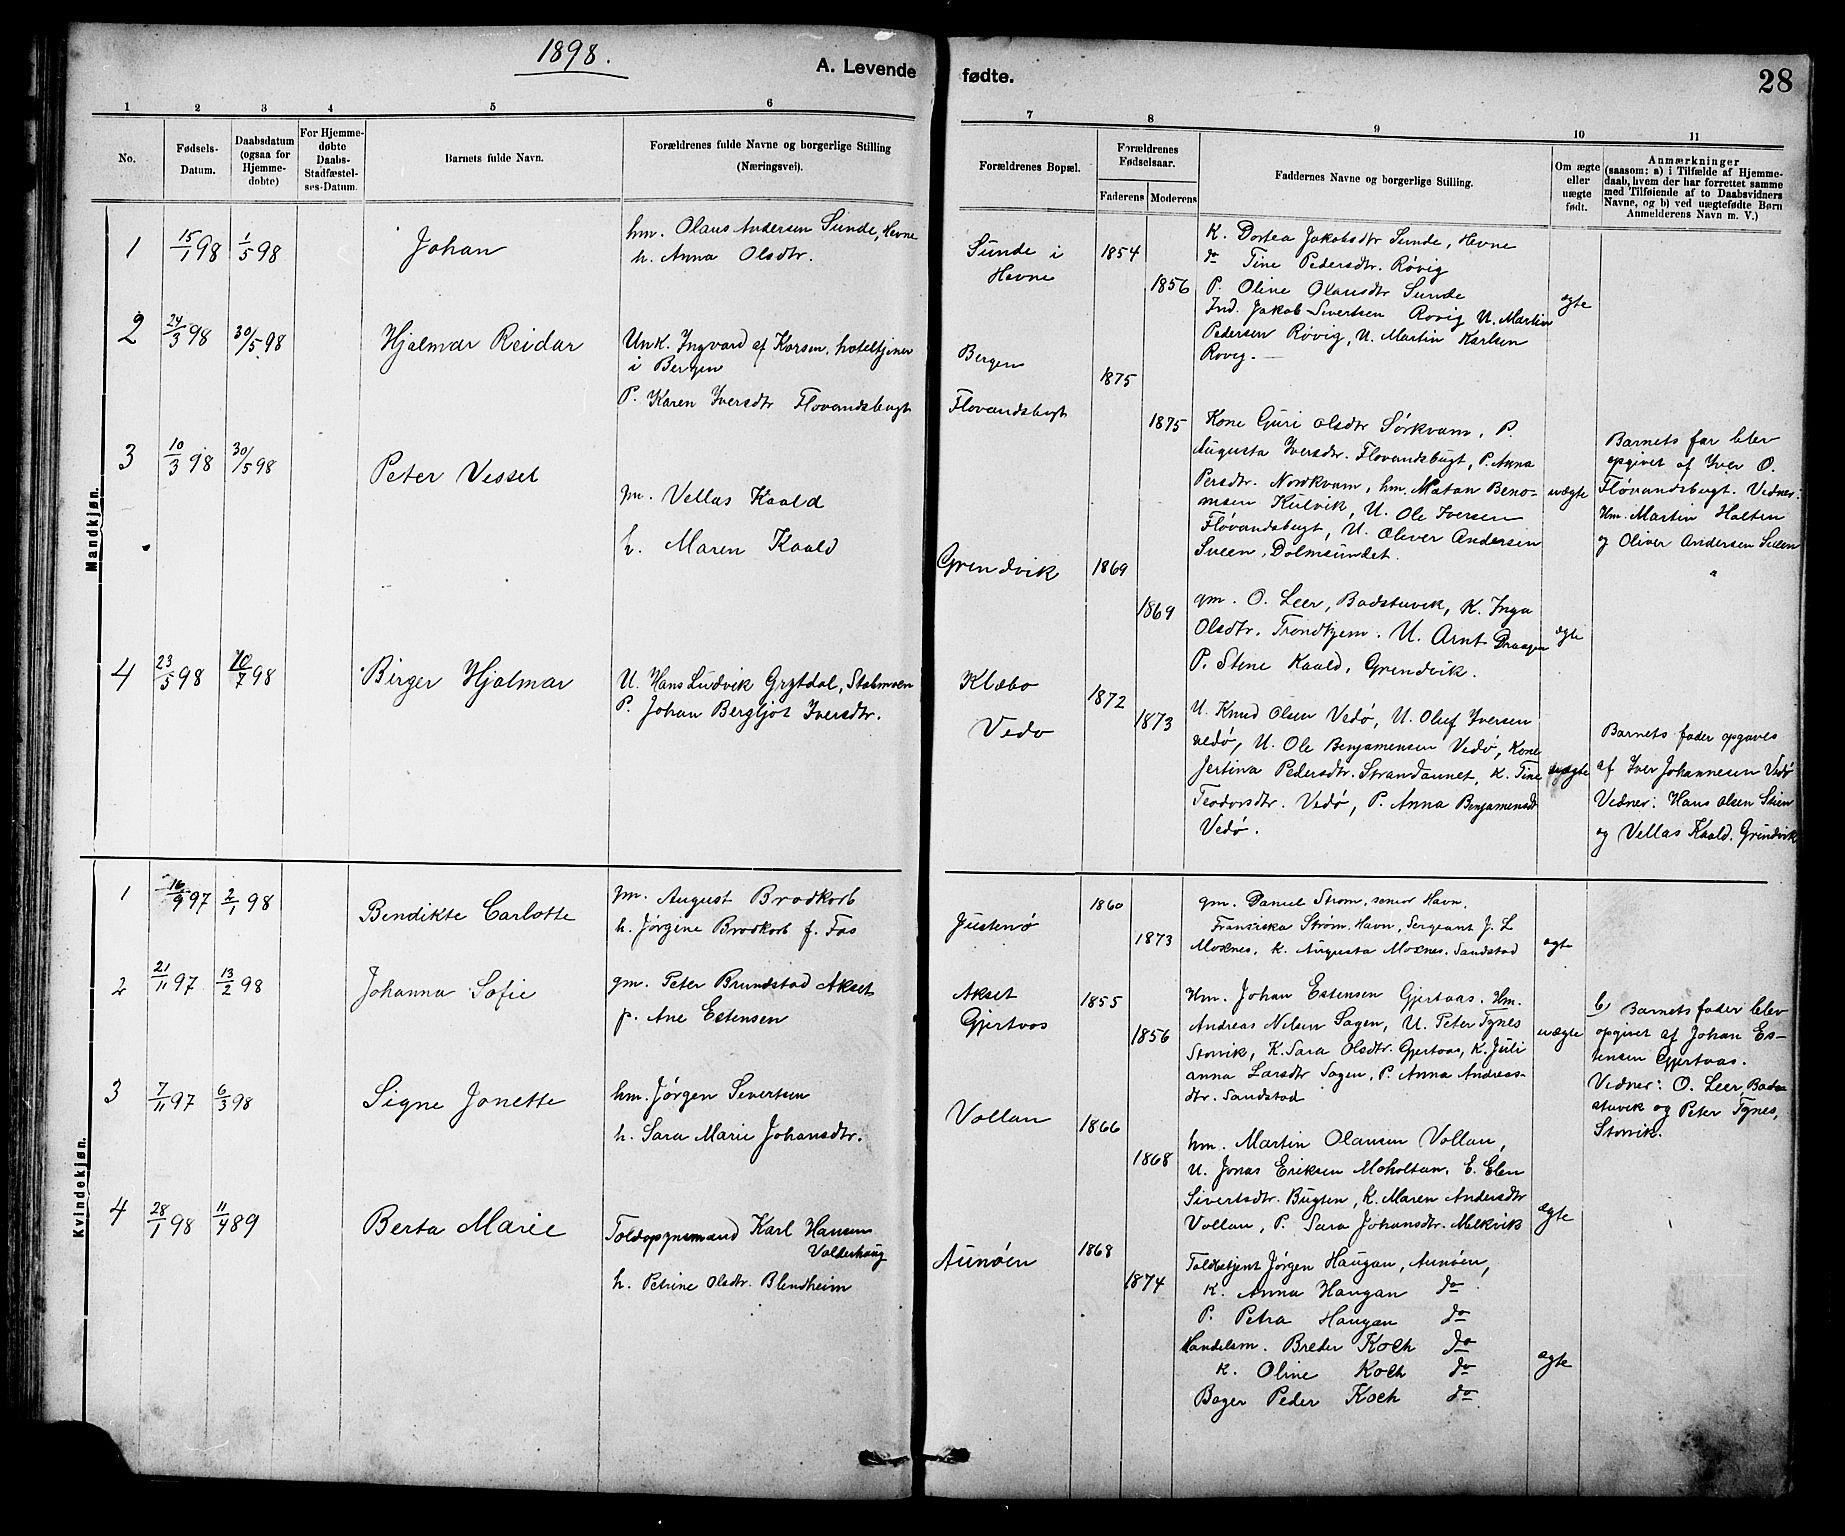 SAT, Ministerialprotokoller, klokkerbøker og fødselsregistre - Sør-Trøndelag, 639/L0573: Klokkerbok nr. 639C01, 1890-1905, s. 28